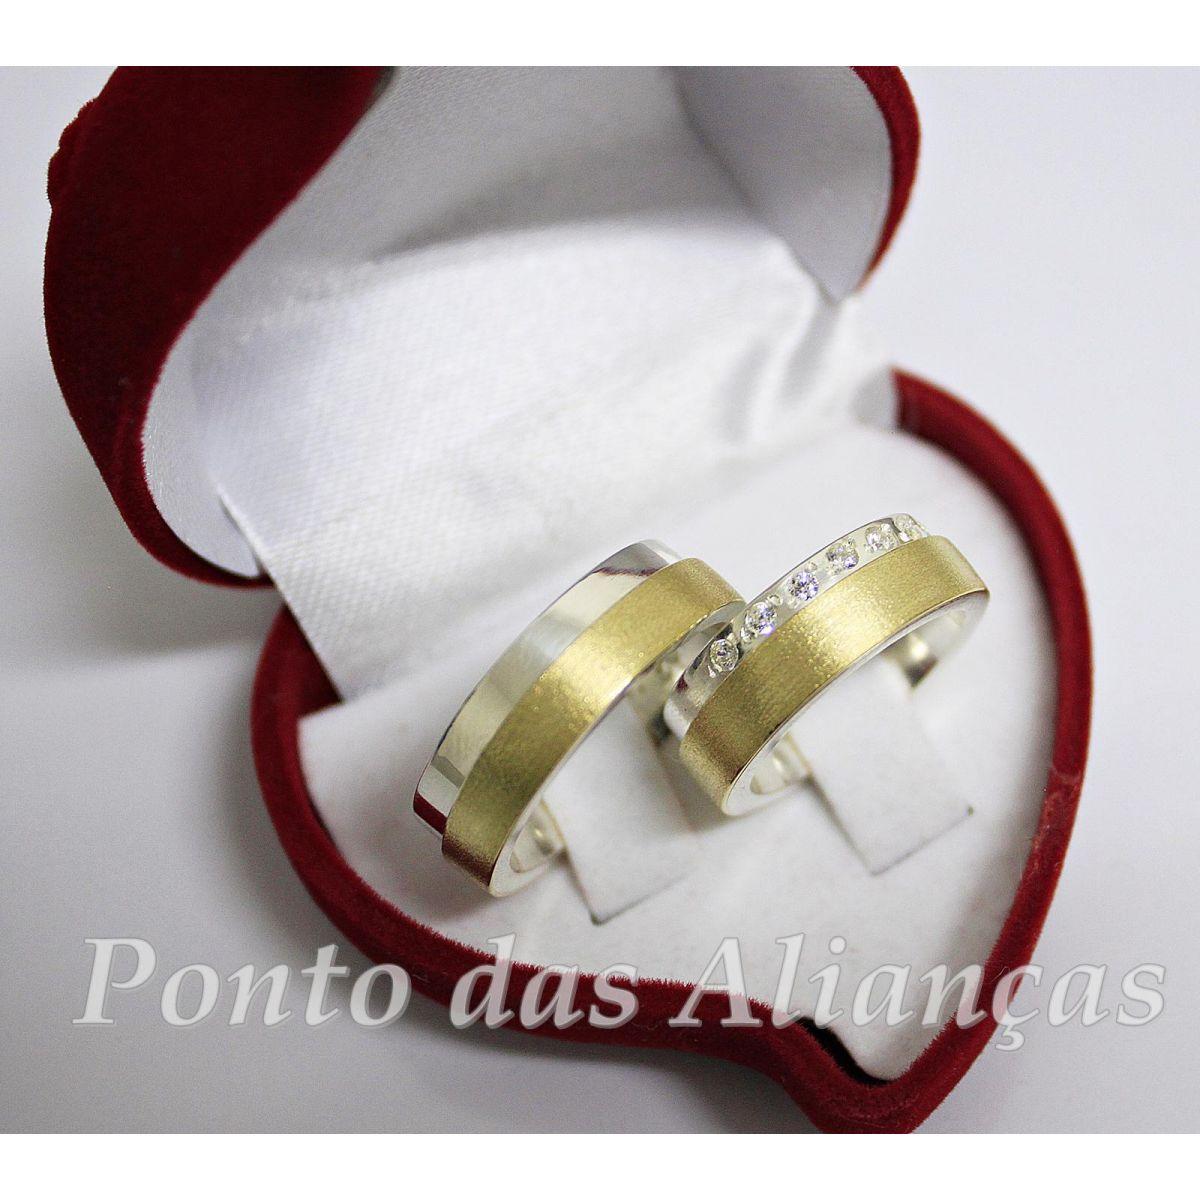 Alianças de Ouro e Prata Casamento ou Noivado 572